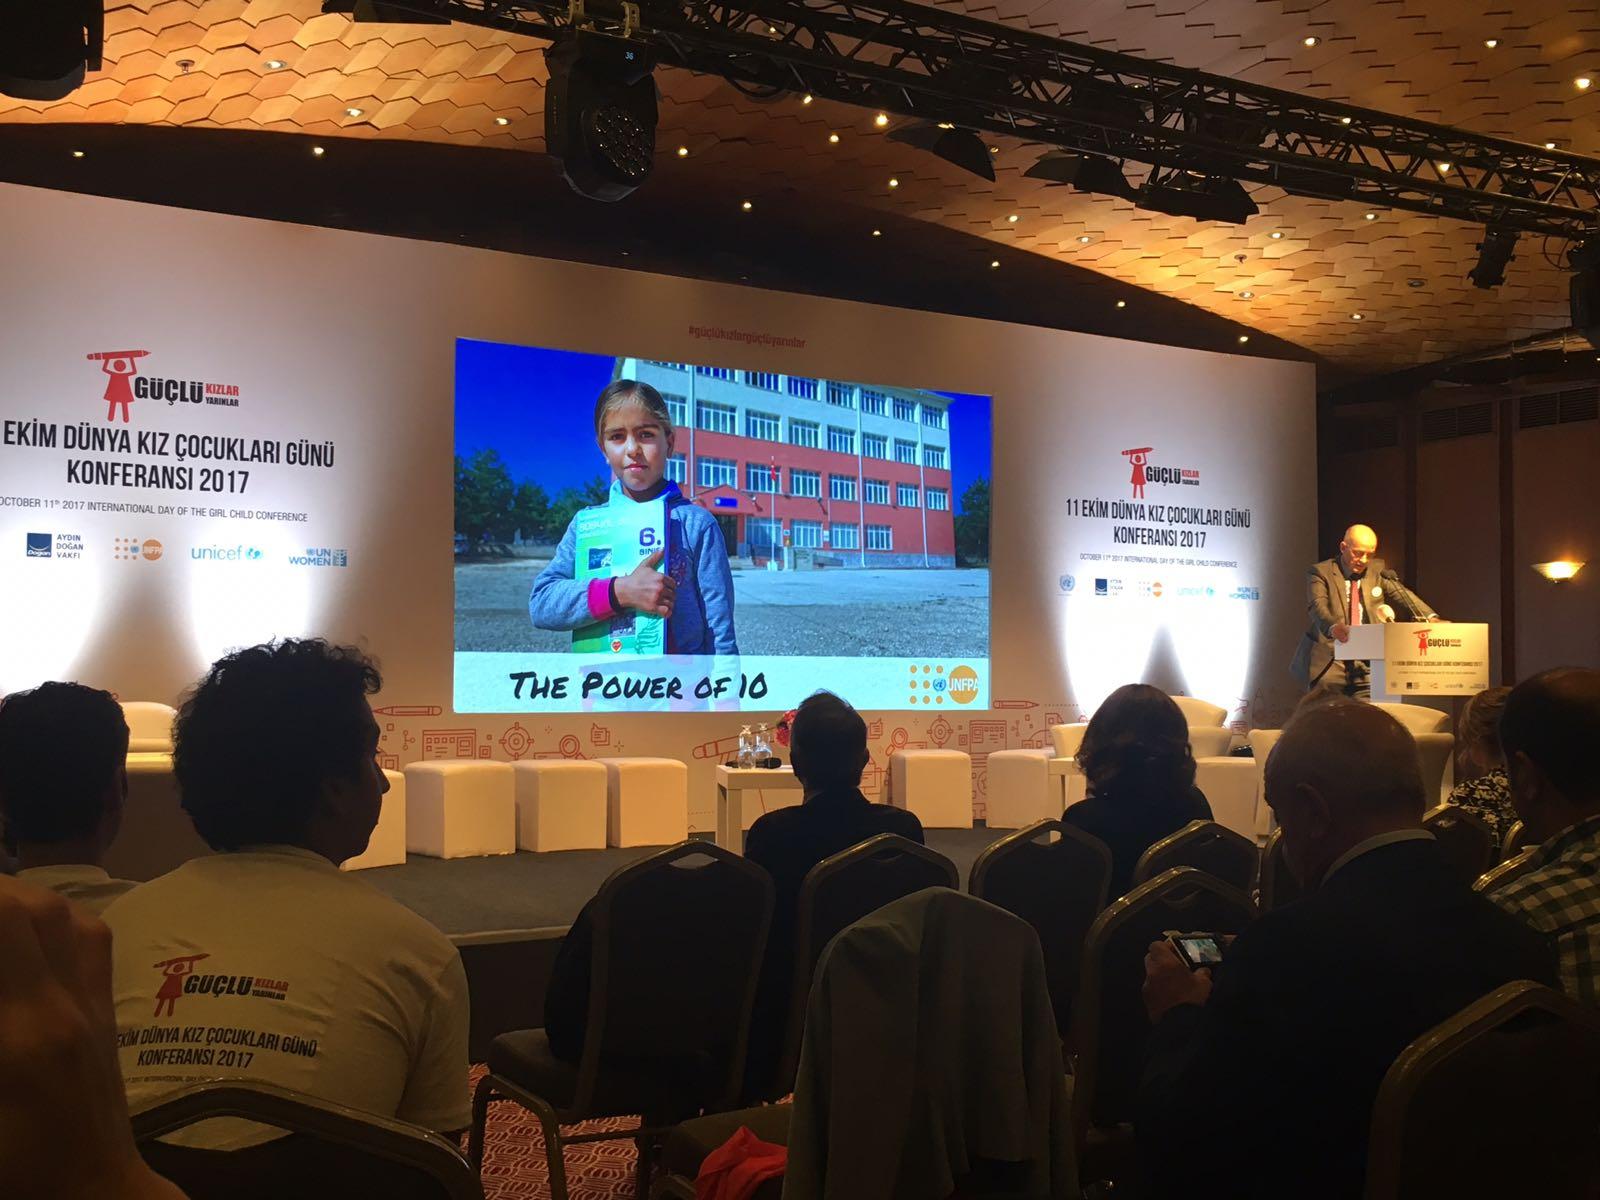 Dünya Kız Çocukları Günü 2017 Uluslararası Konferansına Katıldık